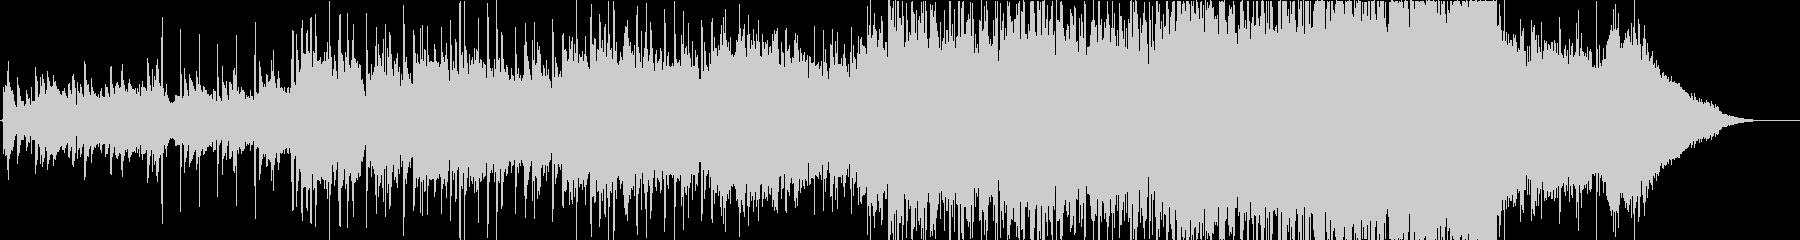 アコギとストリングスの重厚感のある曲の未再生の波形